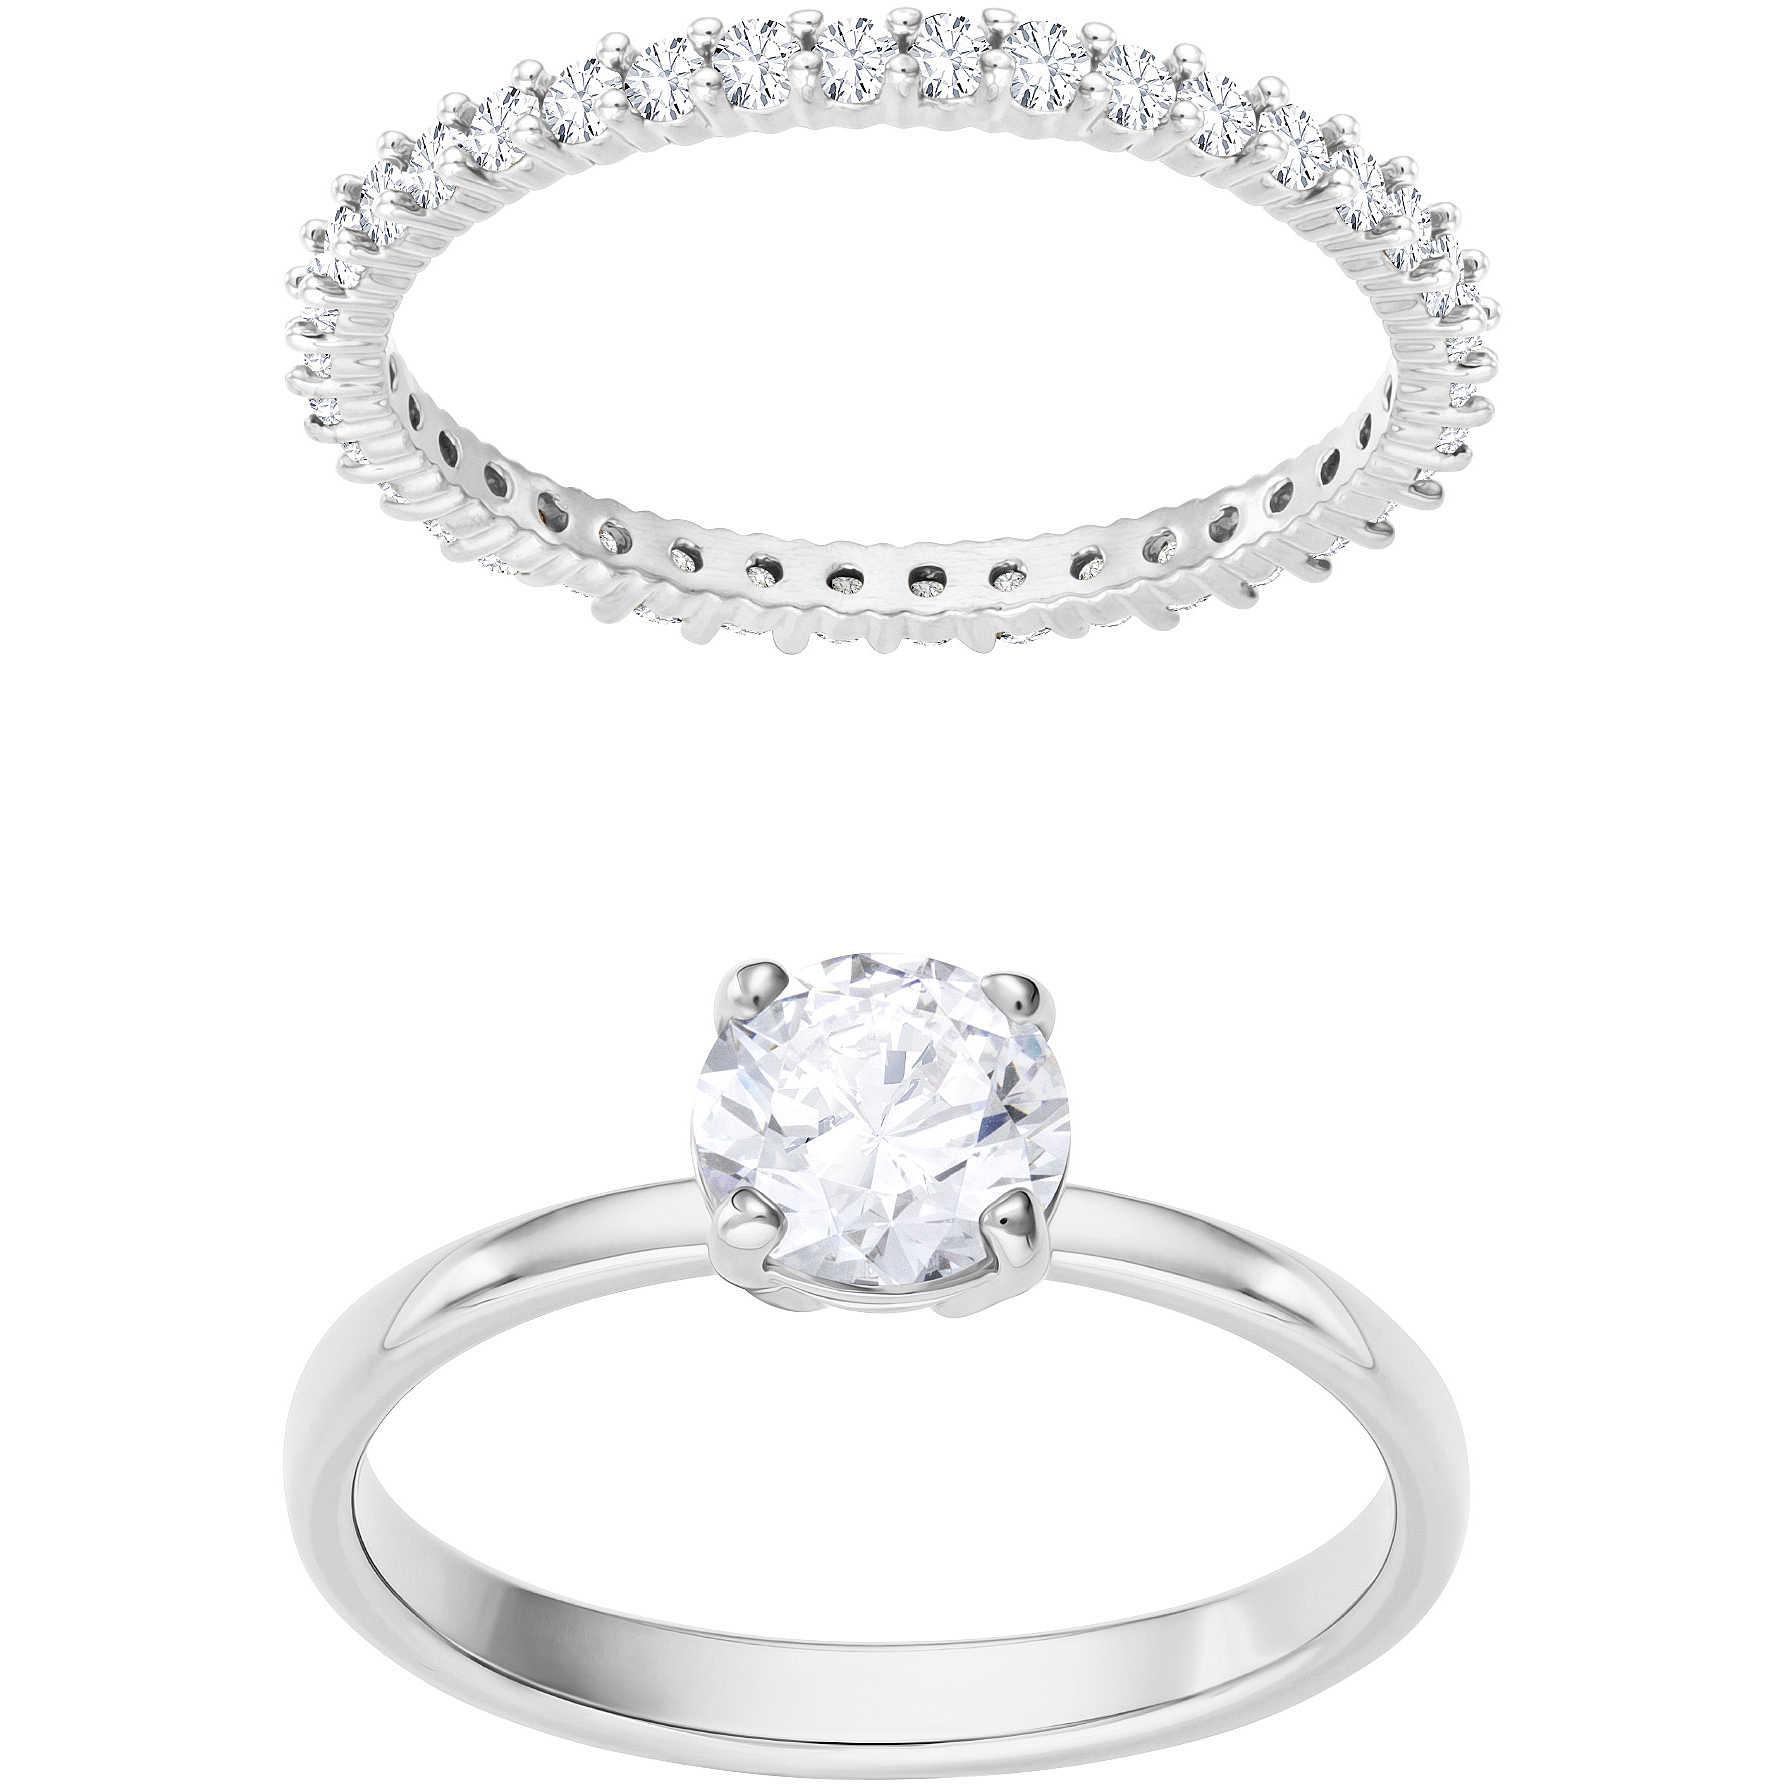 anello fidanzamento swarovski